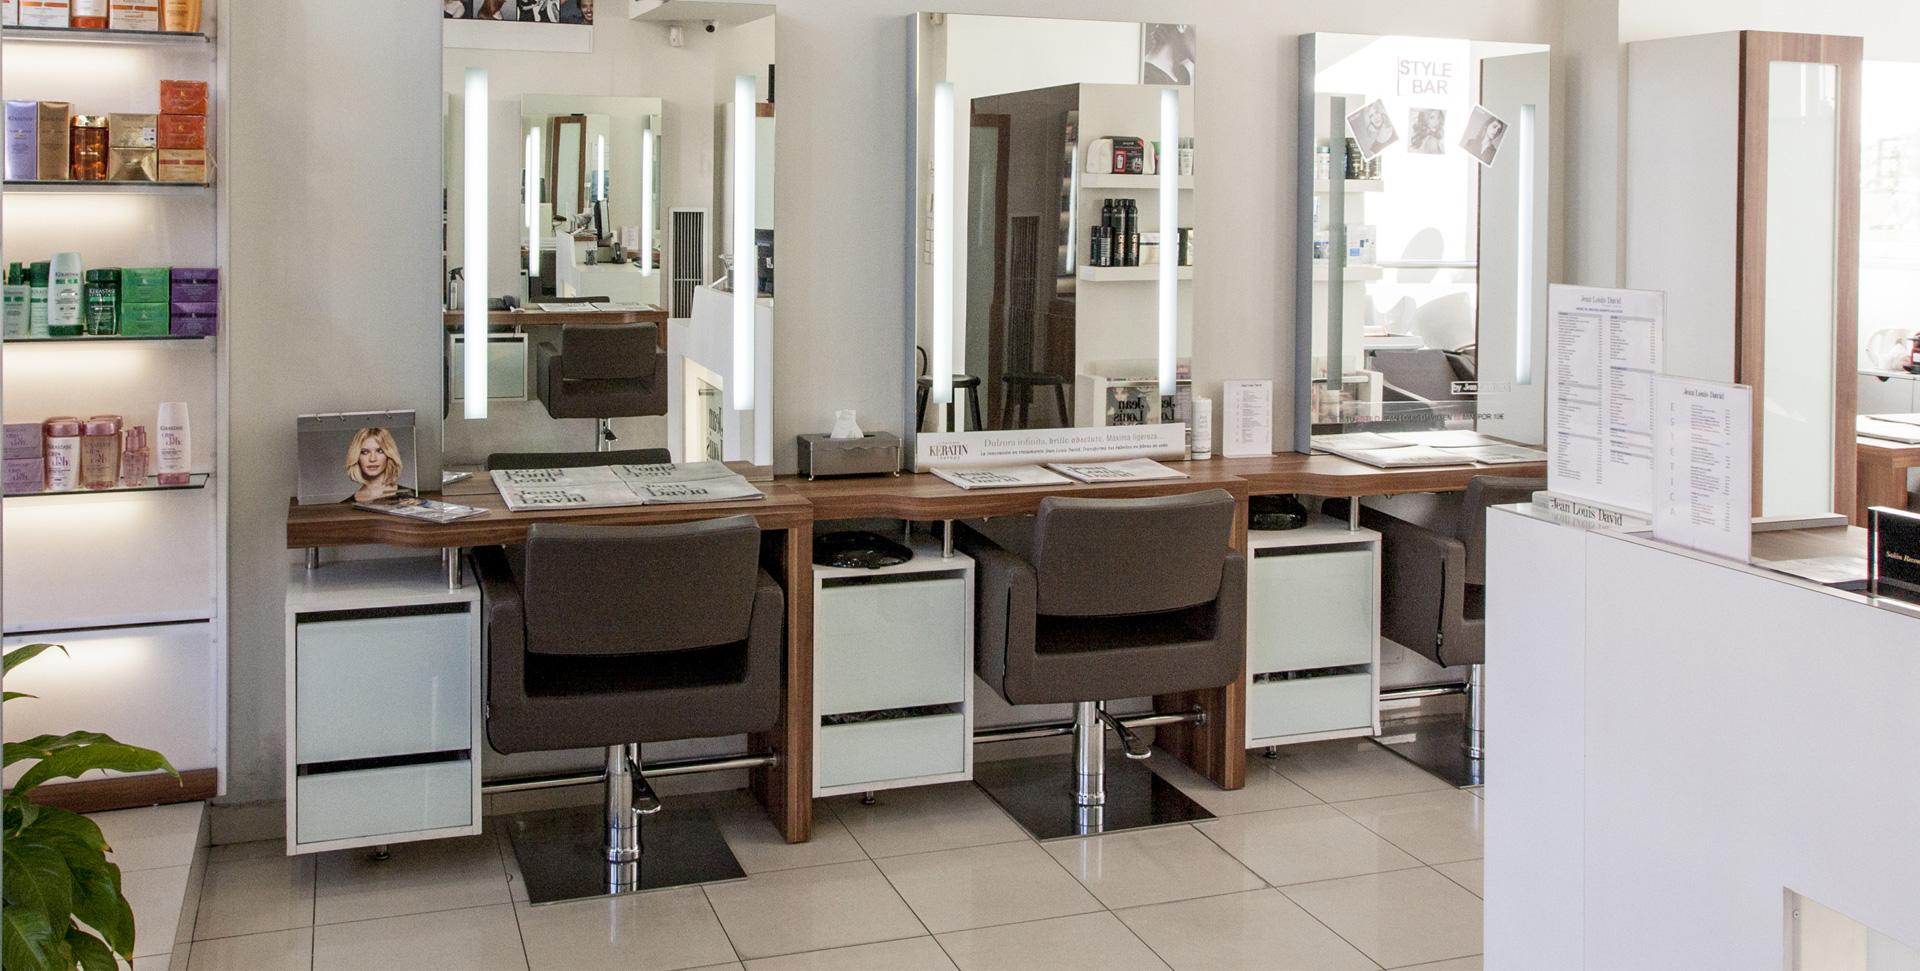 salones-de-peluqueria-en-sant-gervasi